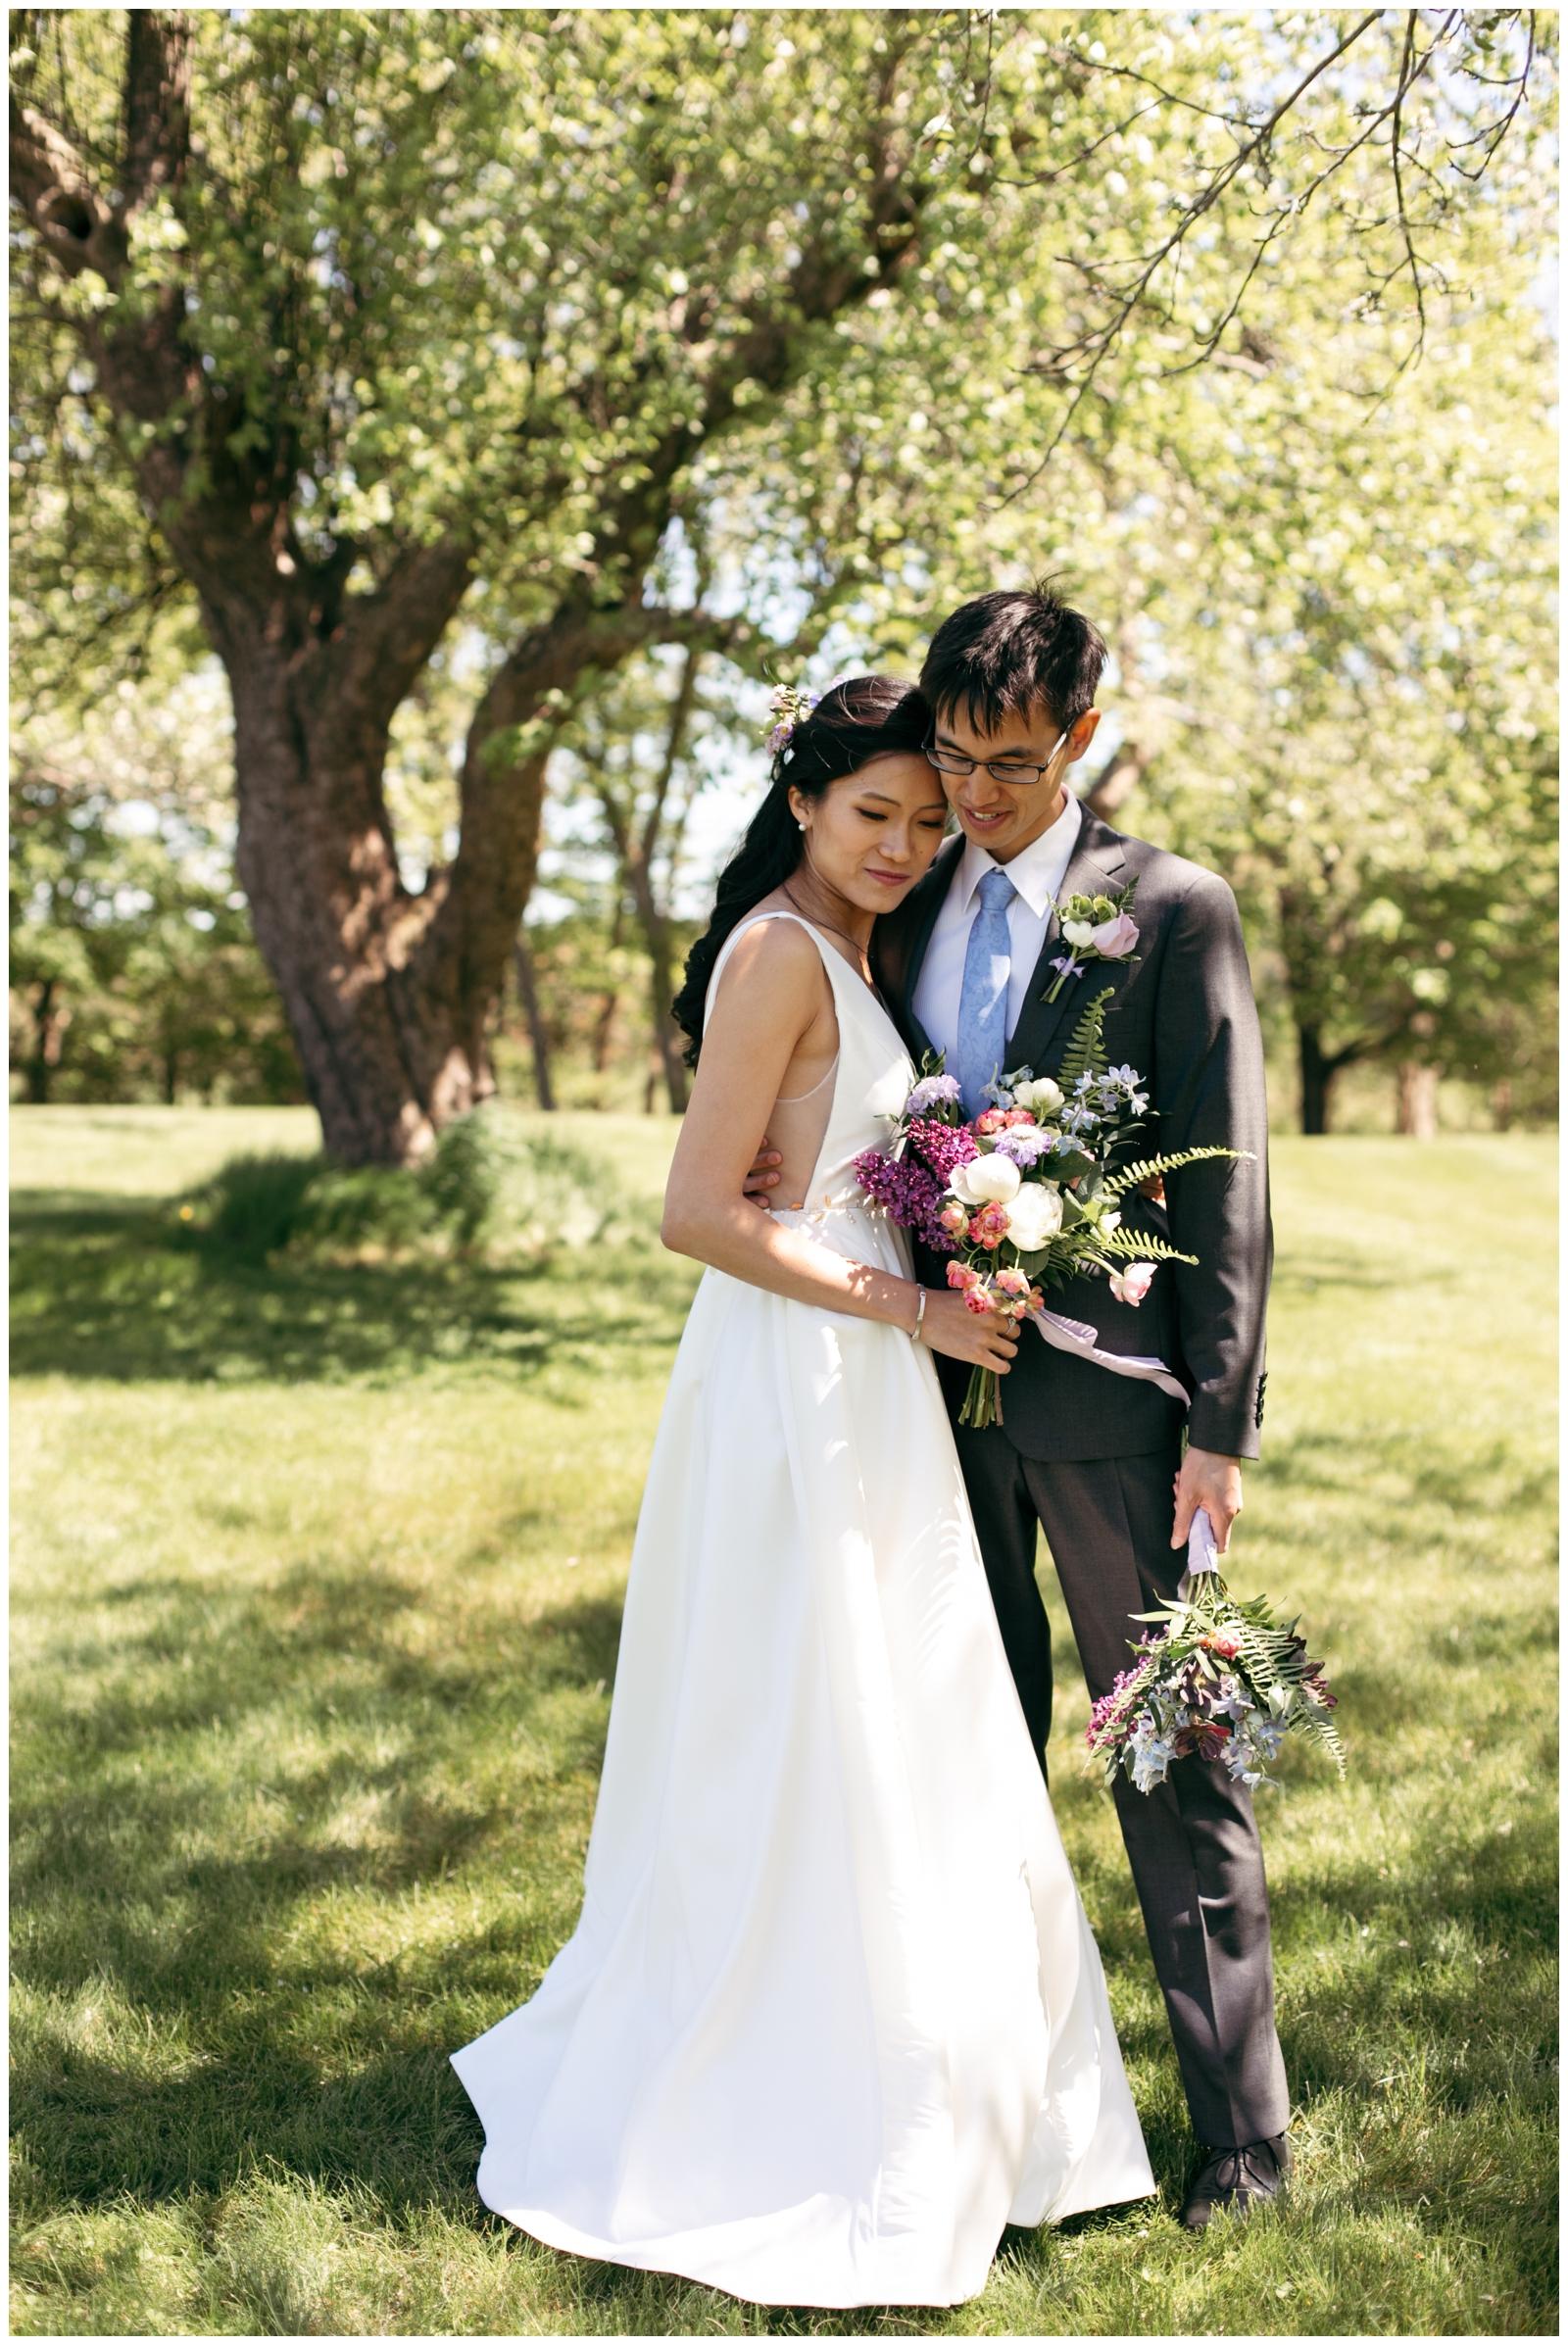 farm wedding venue near Boston